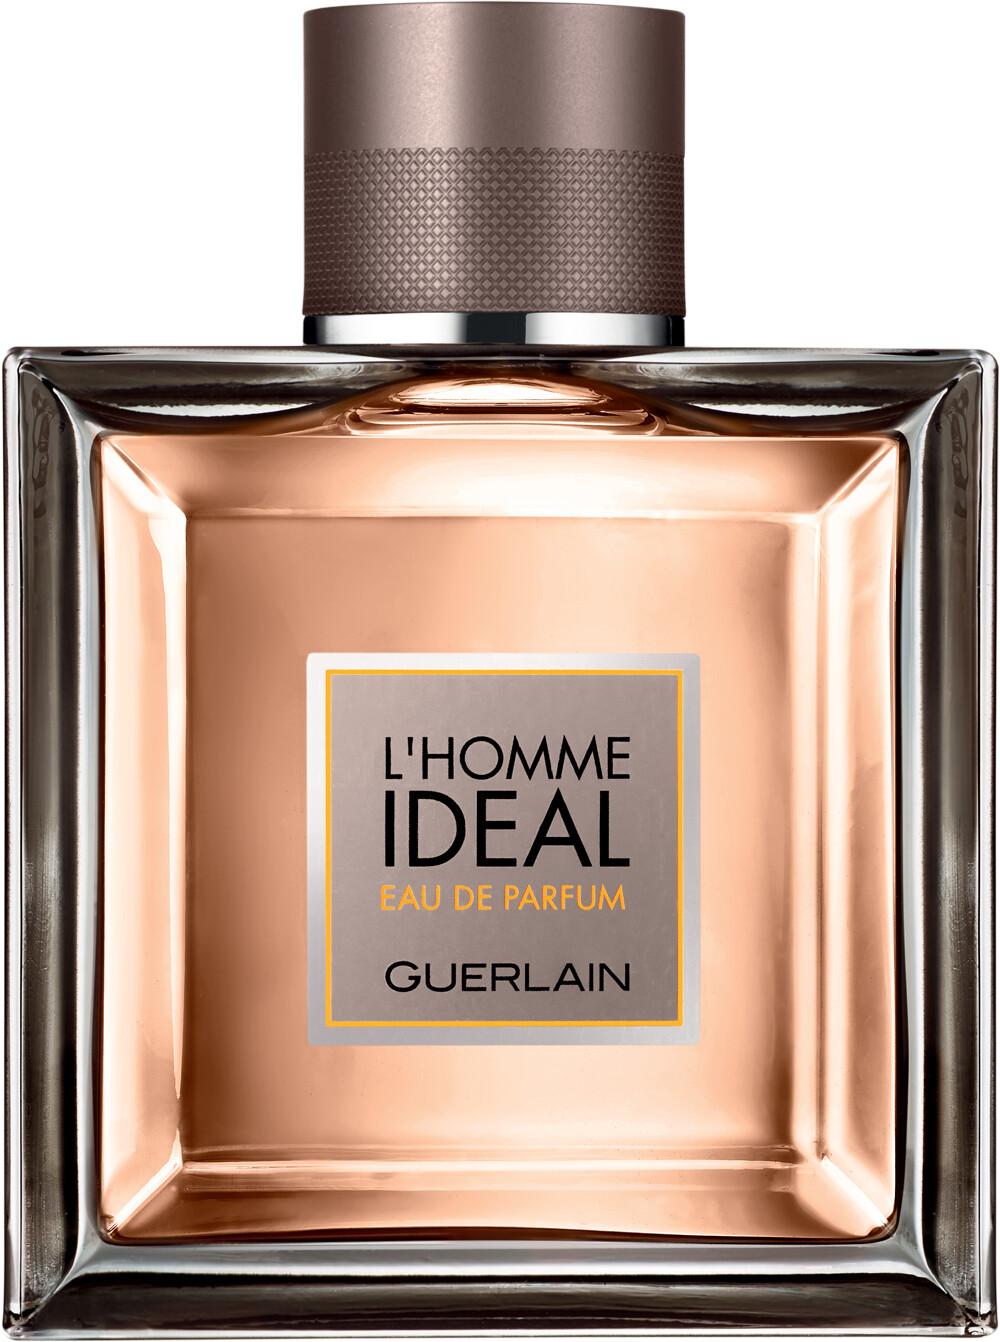 Guerlain Lhomme Ideal Eau De Parfum Spray